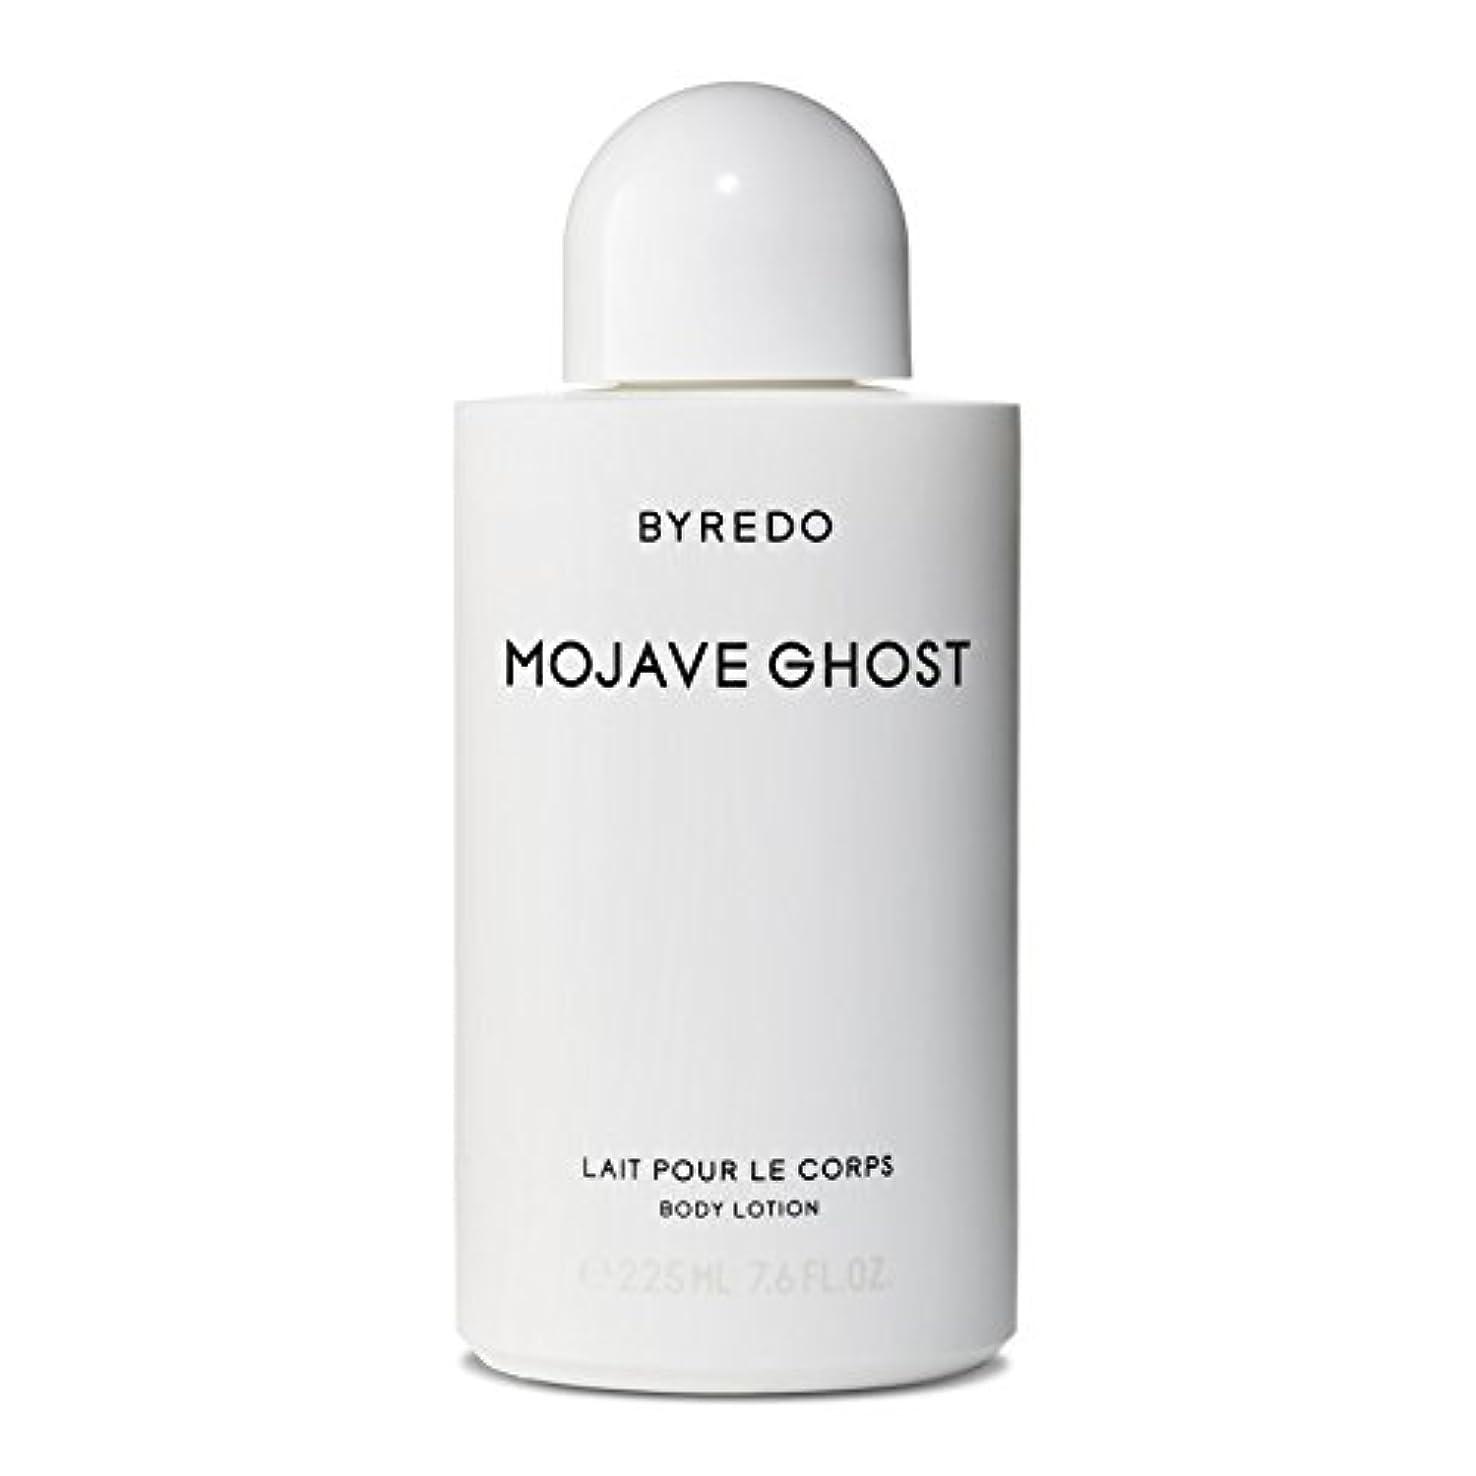 粉砕する栄養まだByredo Mojave Ghost Body Lotion - モハーベゴーストボディローション [並行輸入品]